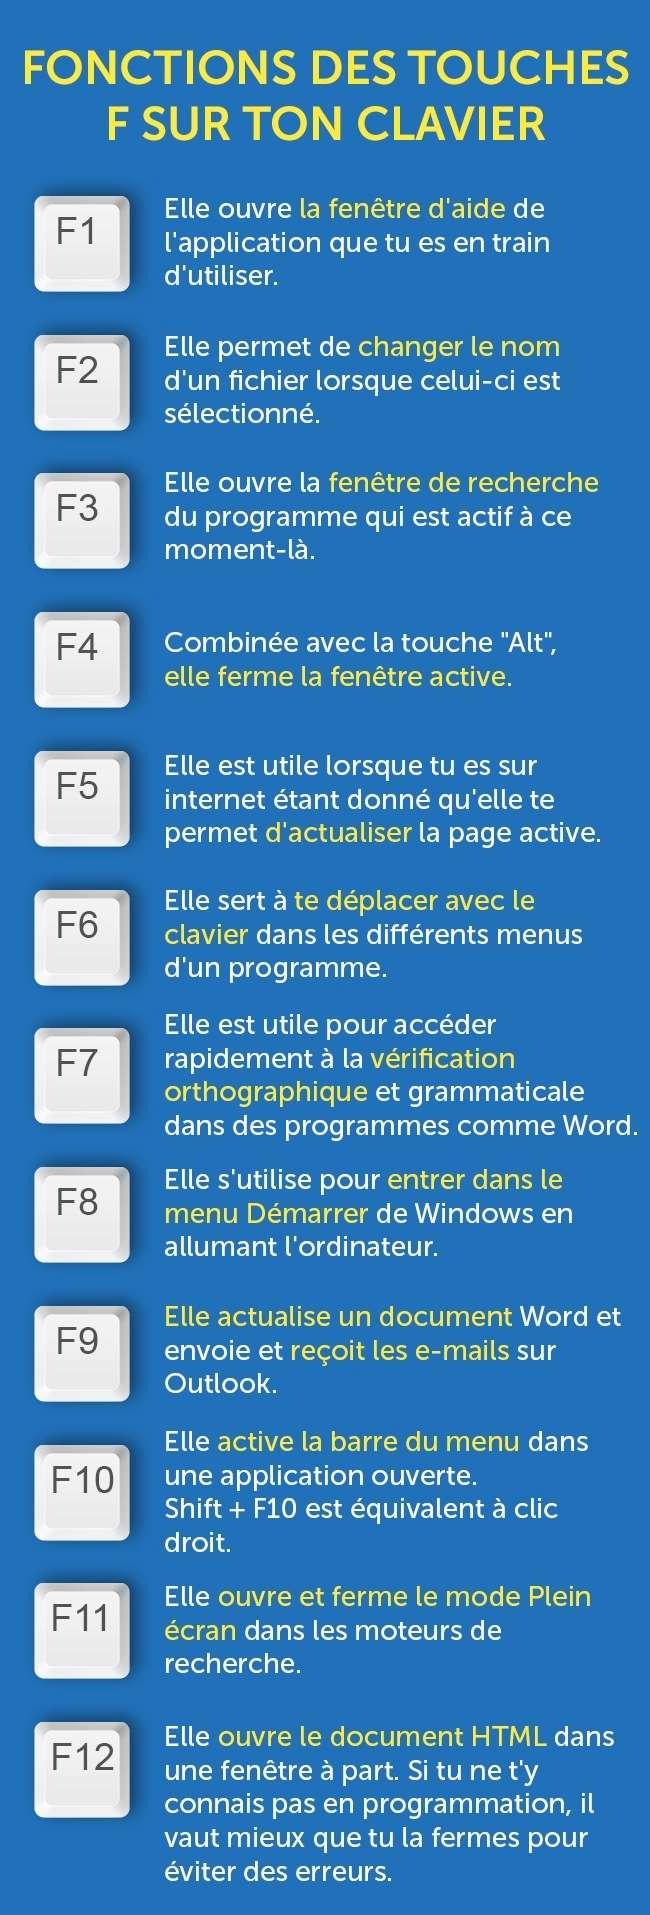 Fonctions des touches F sur ton clavier 81706010